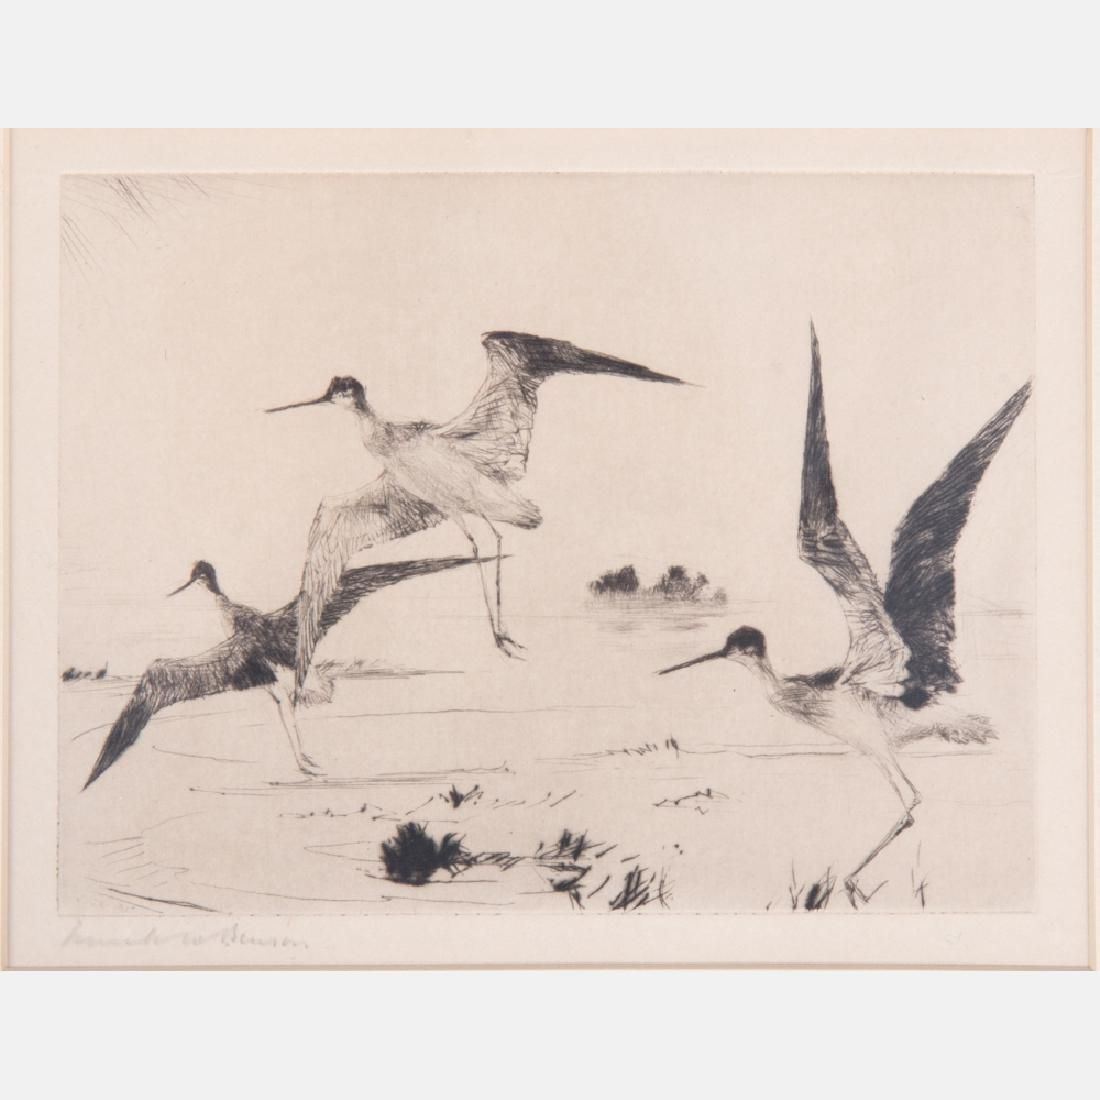 Frank Weston Benson (1862-1951) Three Yellowlegs (Plate